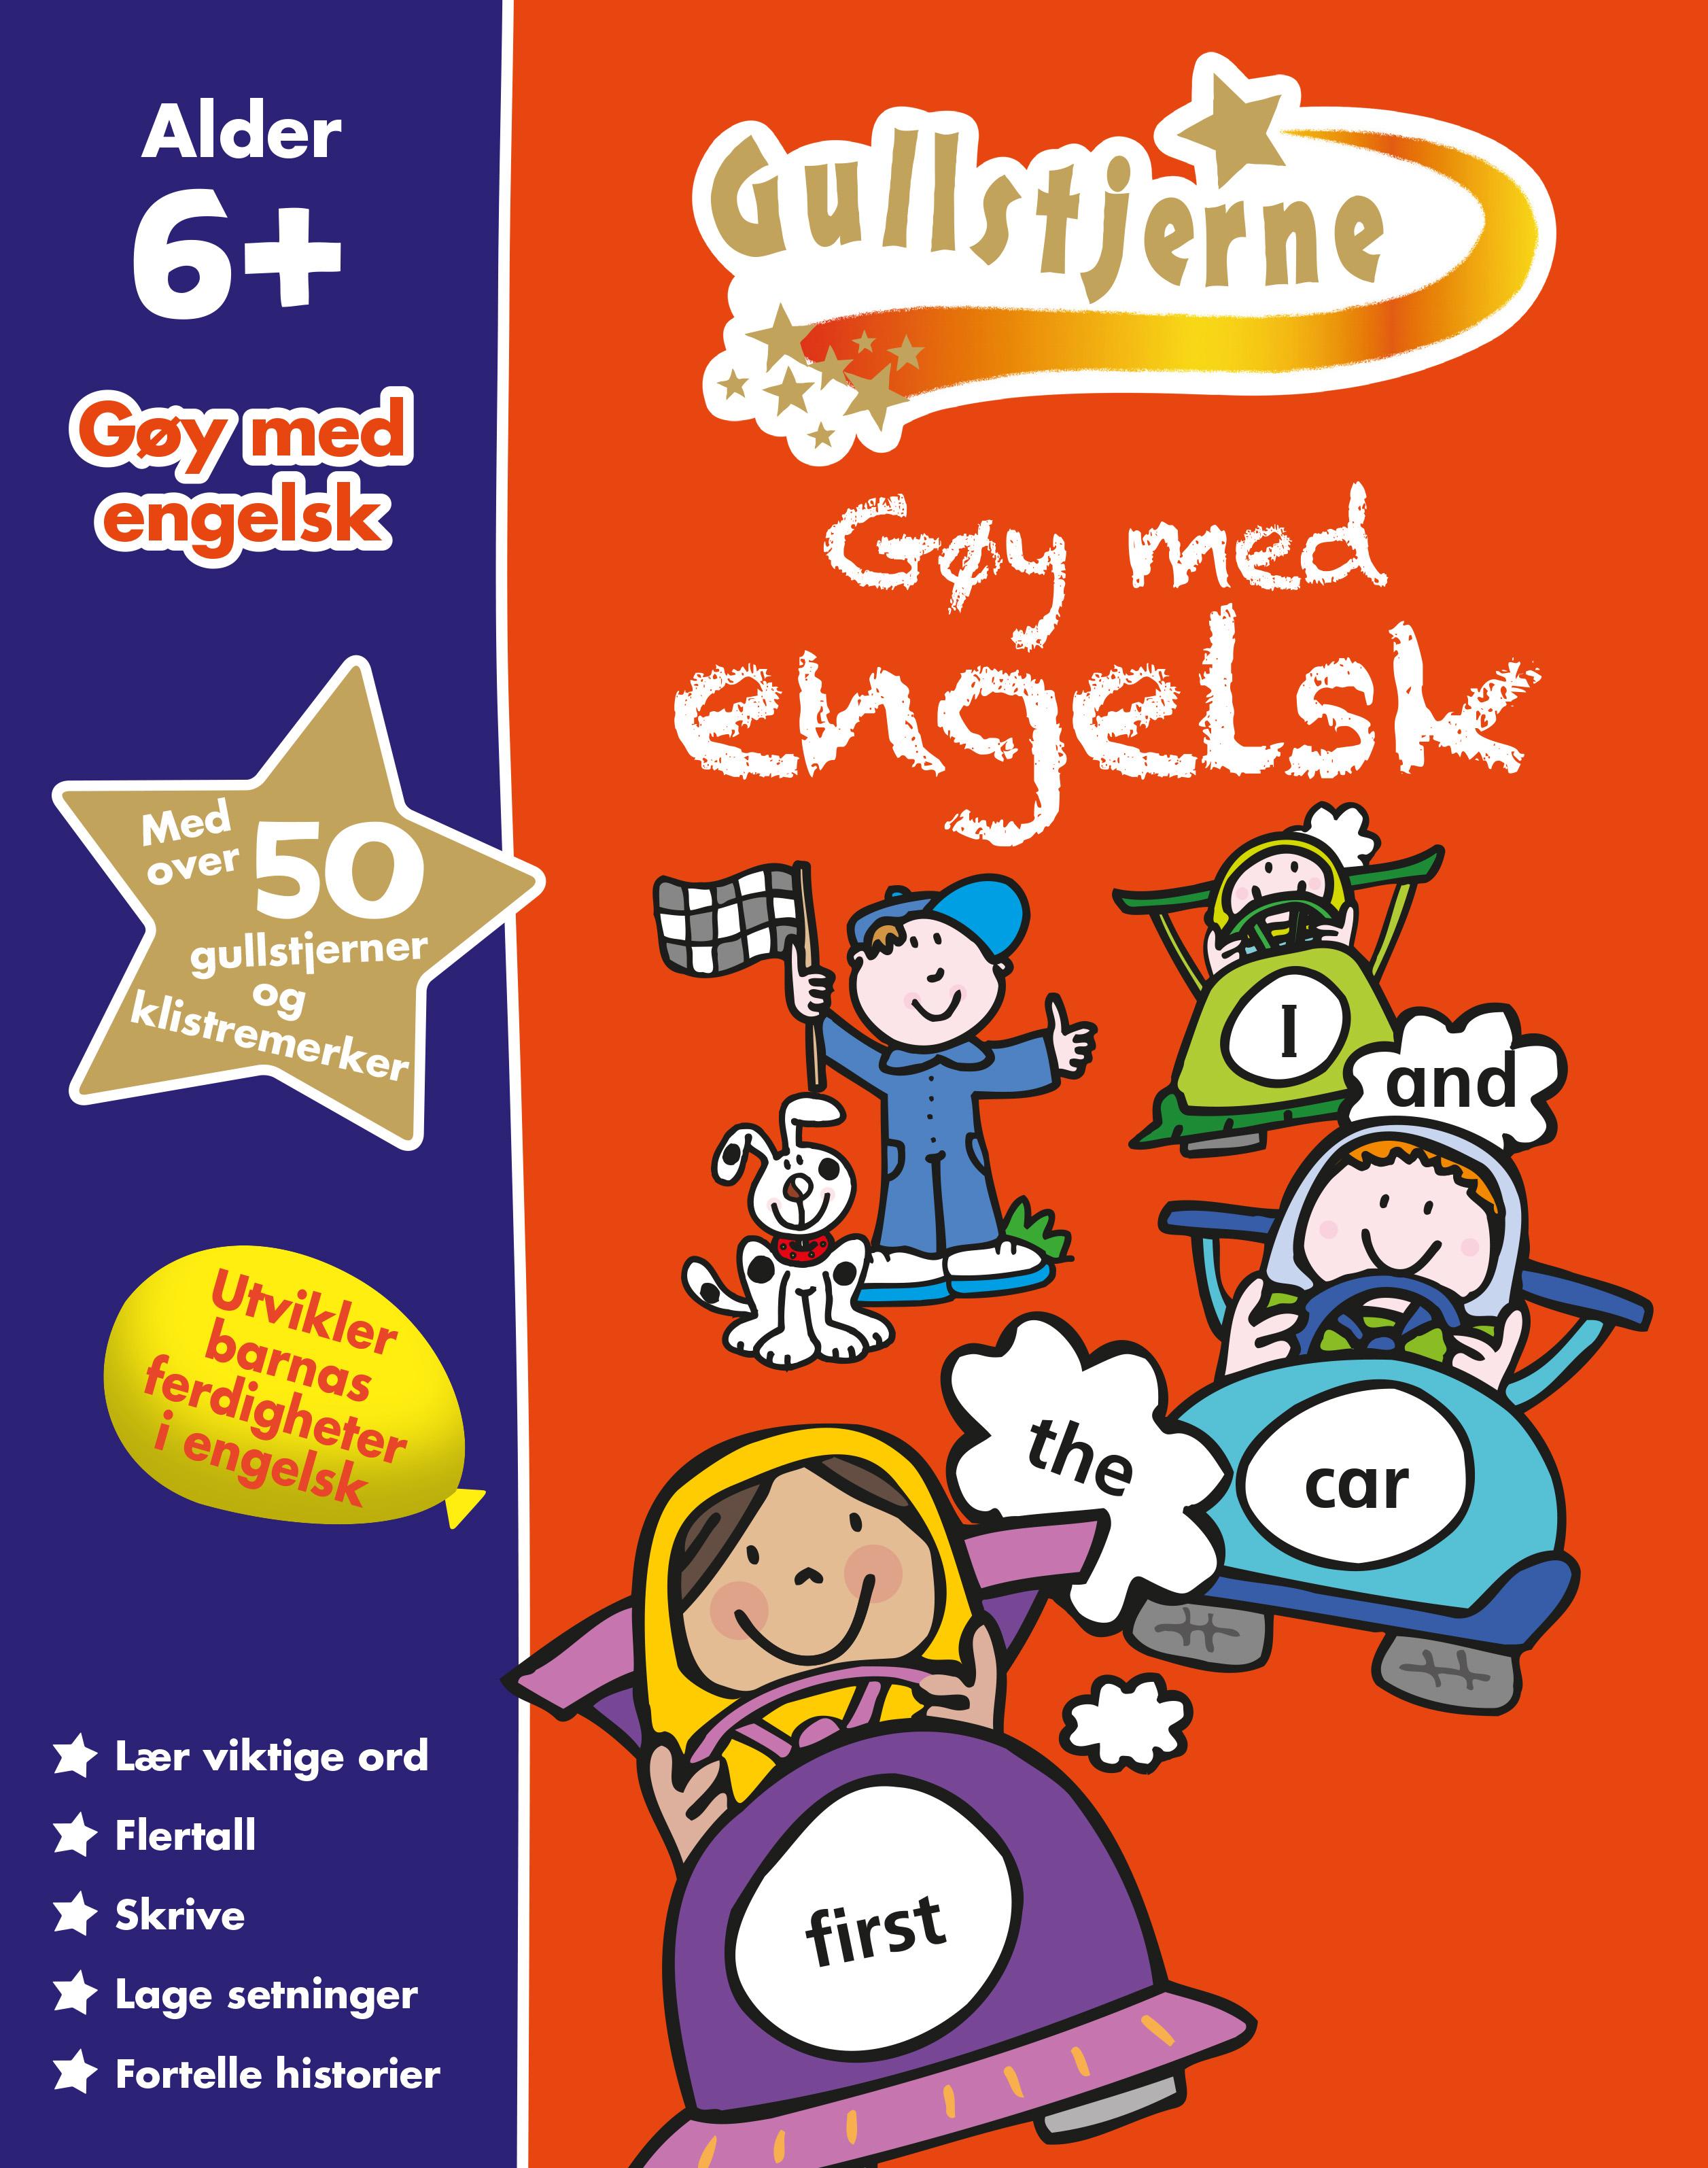 Forskjellige spektrum forlag - Gøy med engelsk 6+. Egenprod gullstjerne SB-75